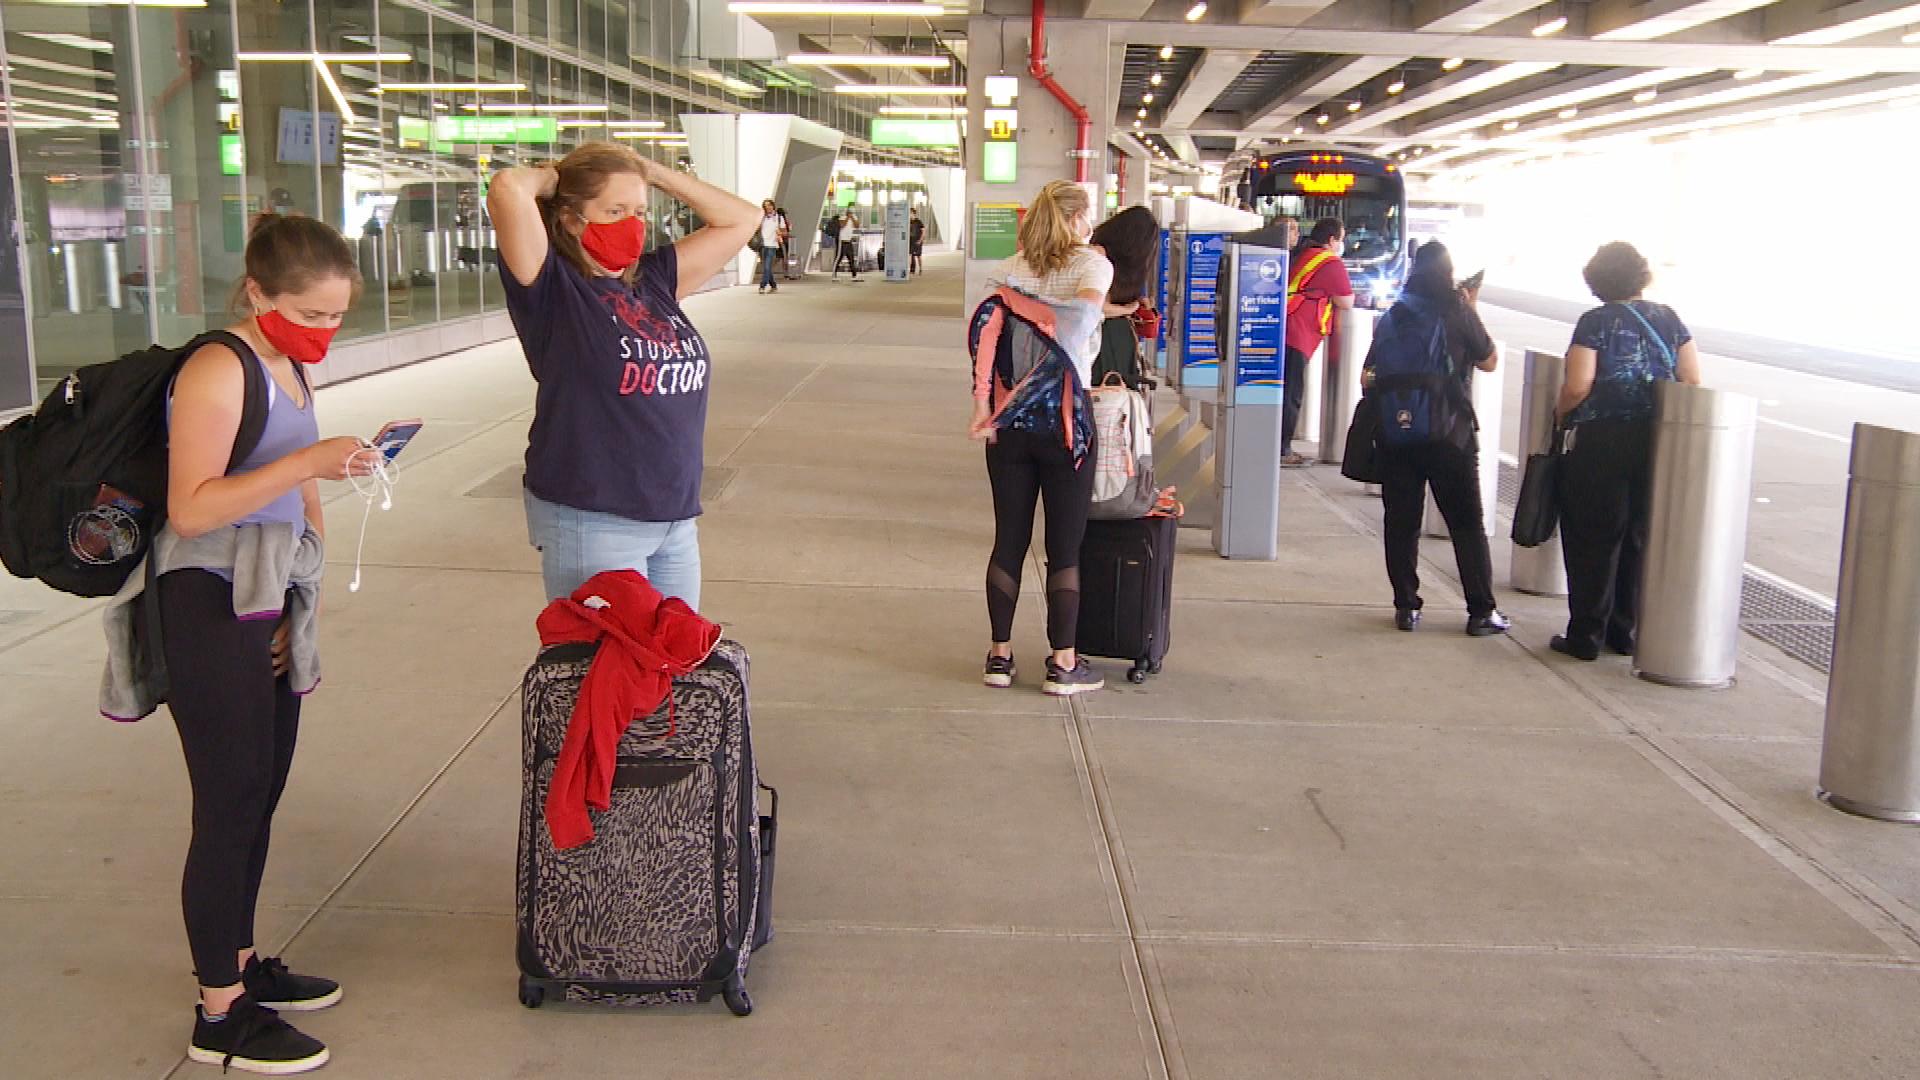 紐約市長白思豪(Bill de Blasio)2020年12月23日宣佈,來自英國的旅客進入紐約市後要接受強制隔離,即刻生效。圖為紐約市拉瓜迪亞機場。(奧利弗/大紀元)